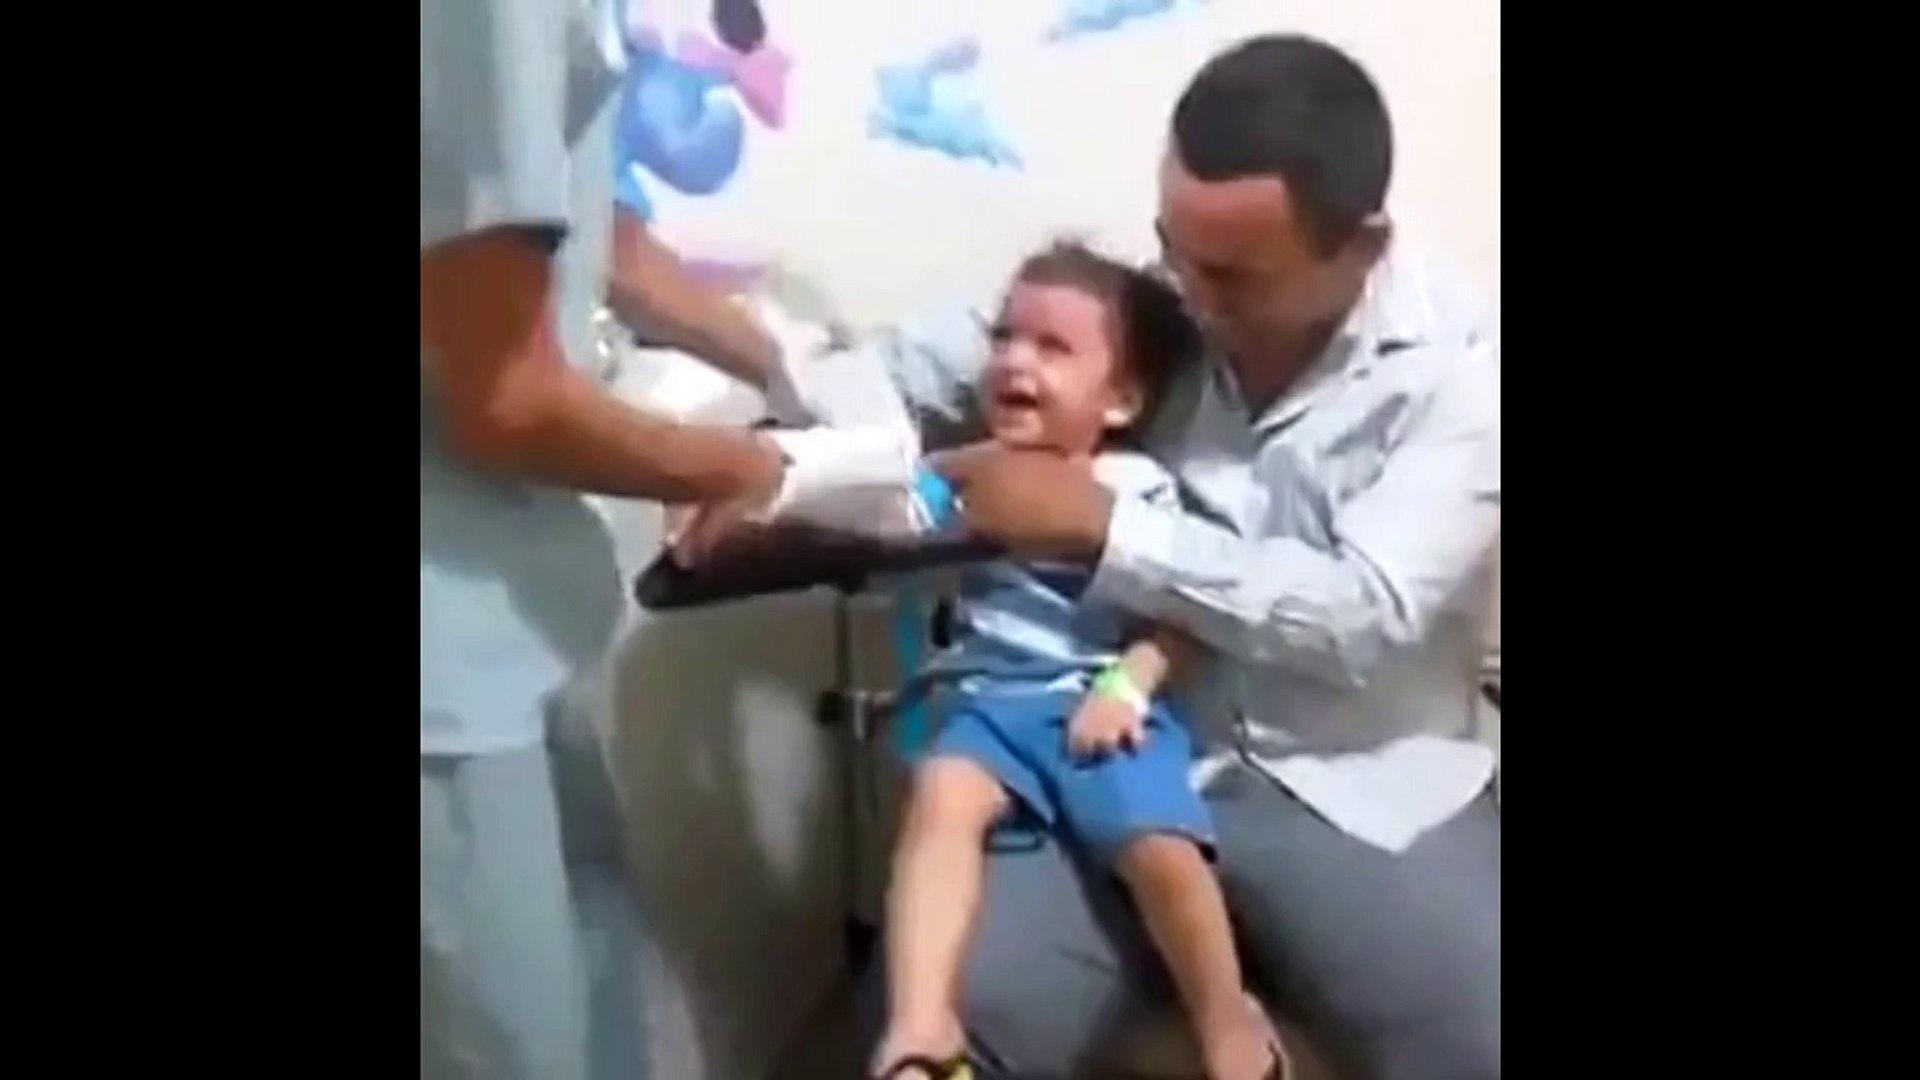 Cute Baby Videos Funny - Cute Baby - Video Clip